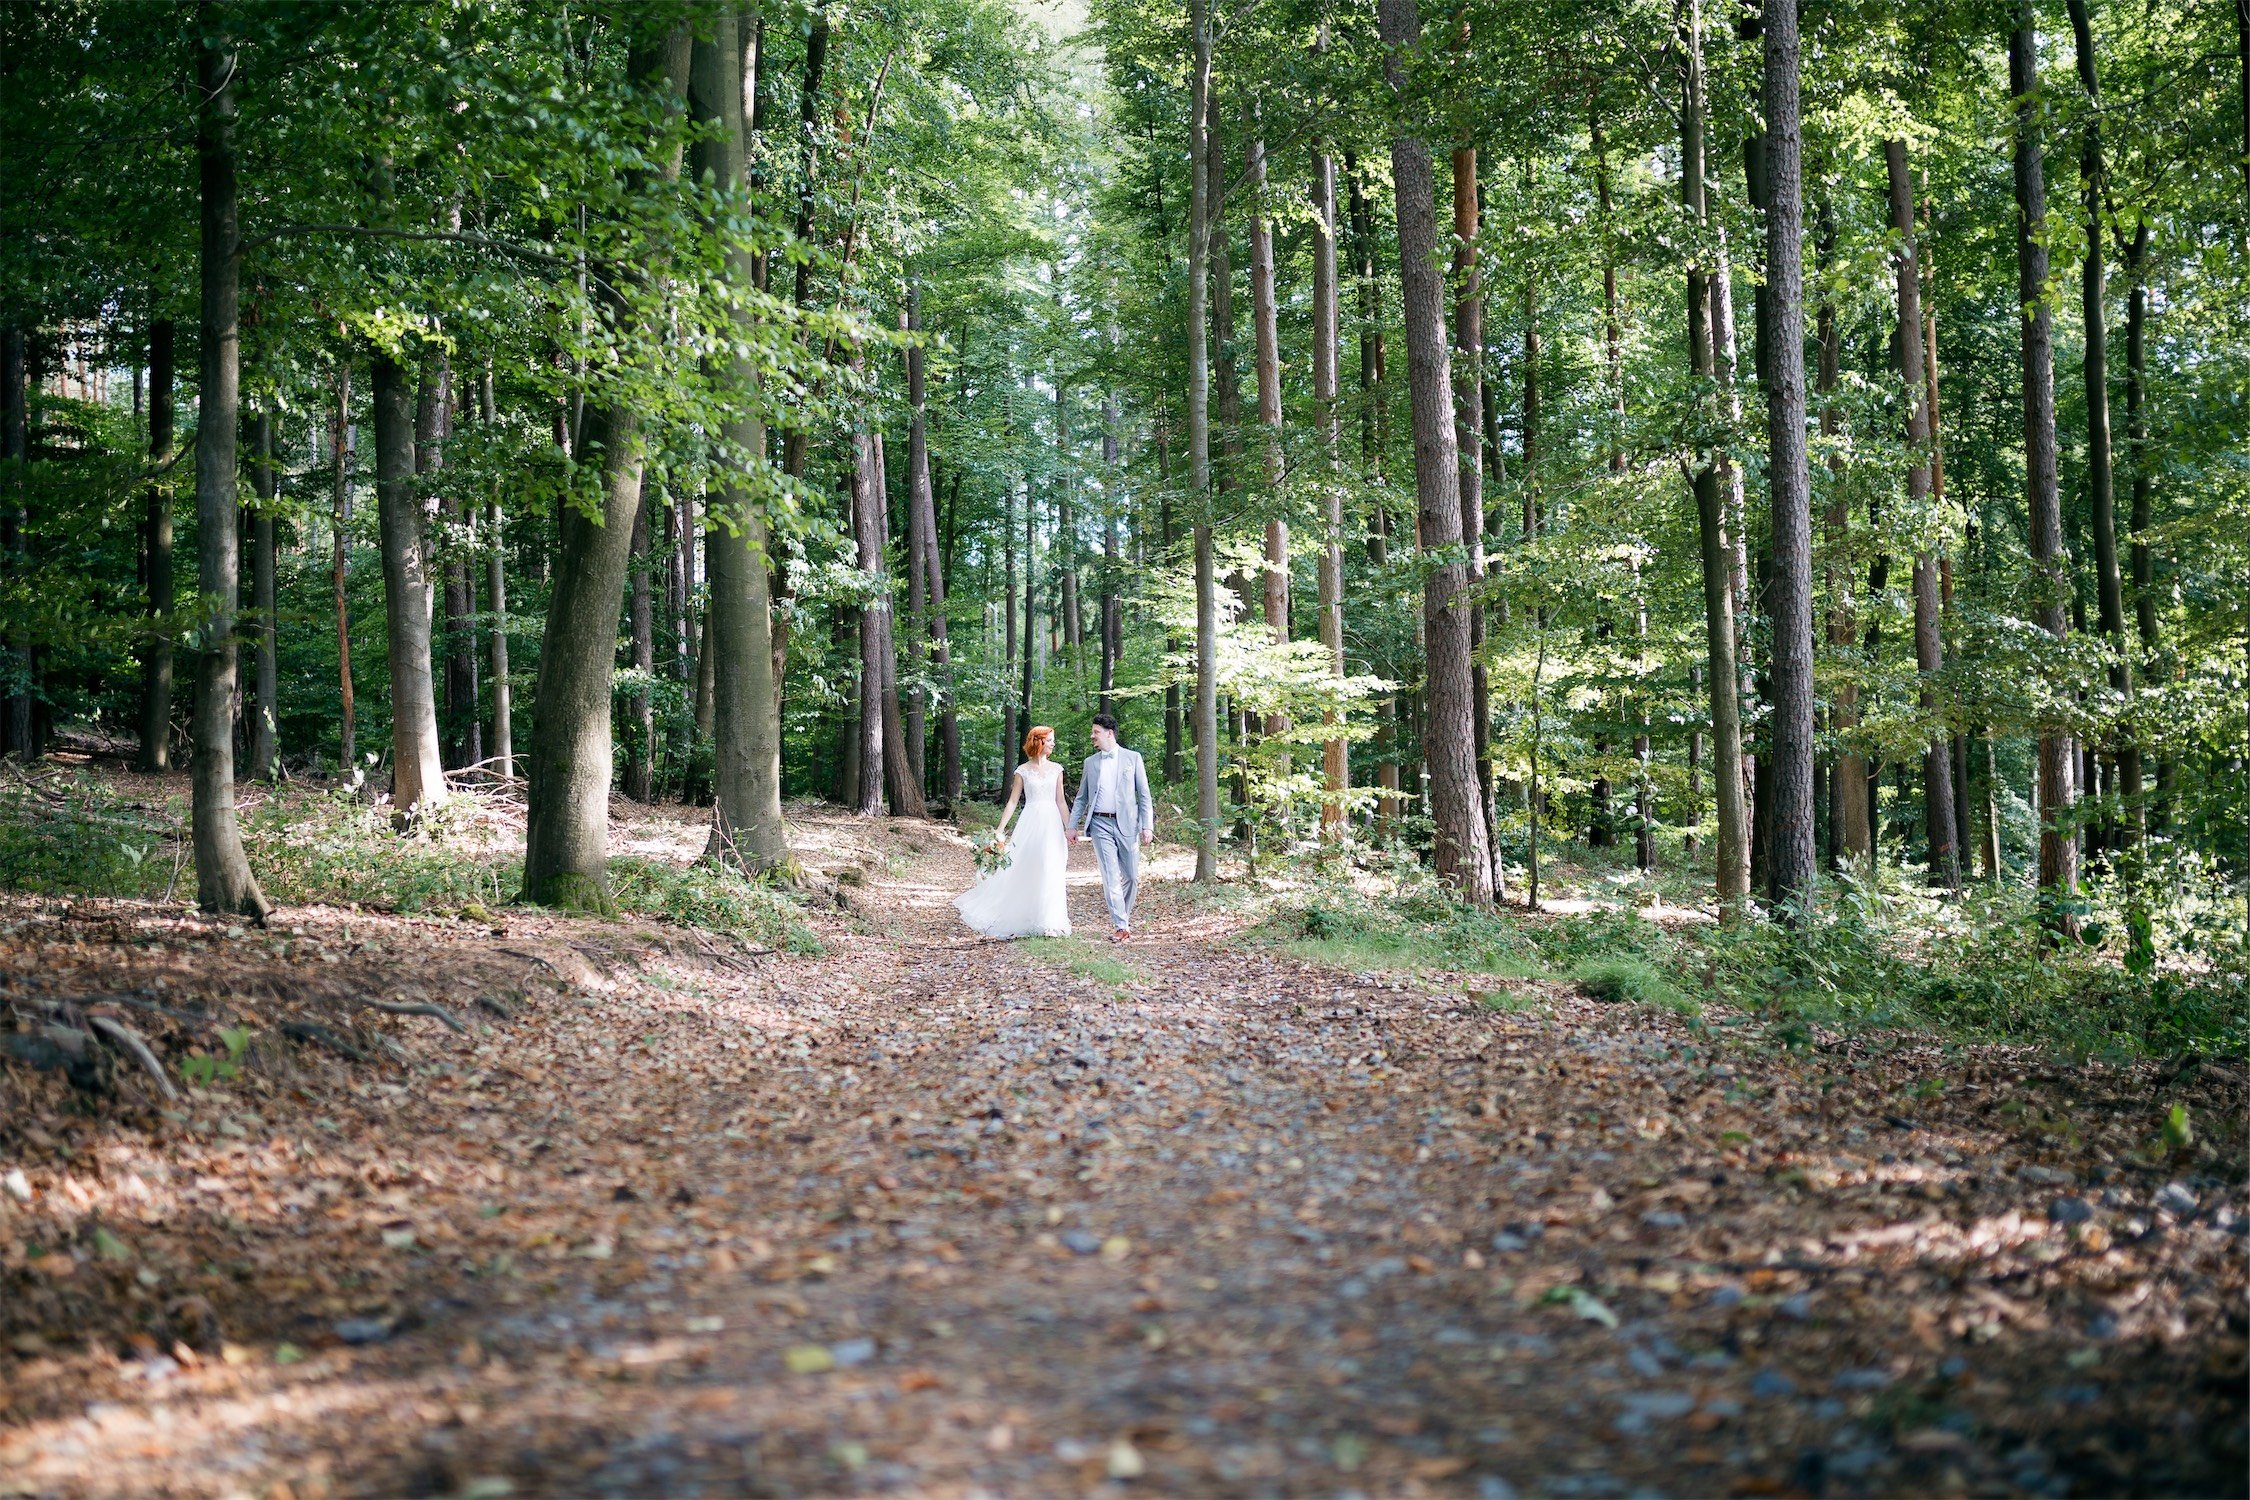 Hochzeitsfotos im Wald in Mönchberg